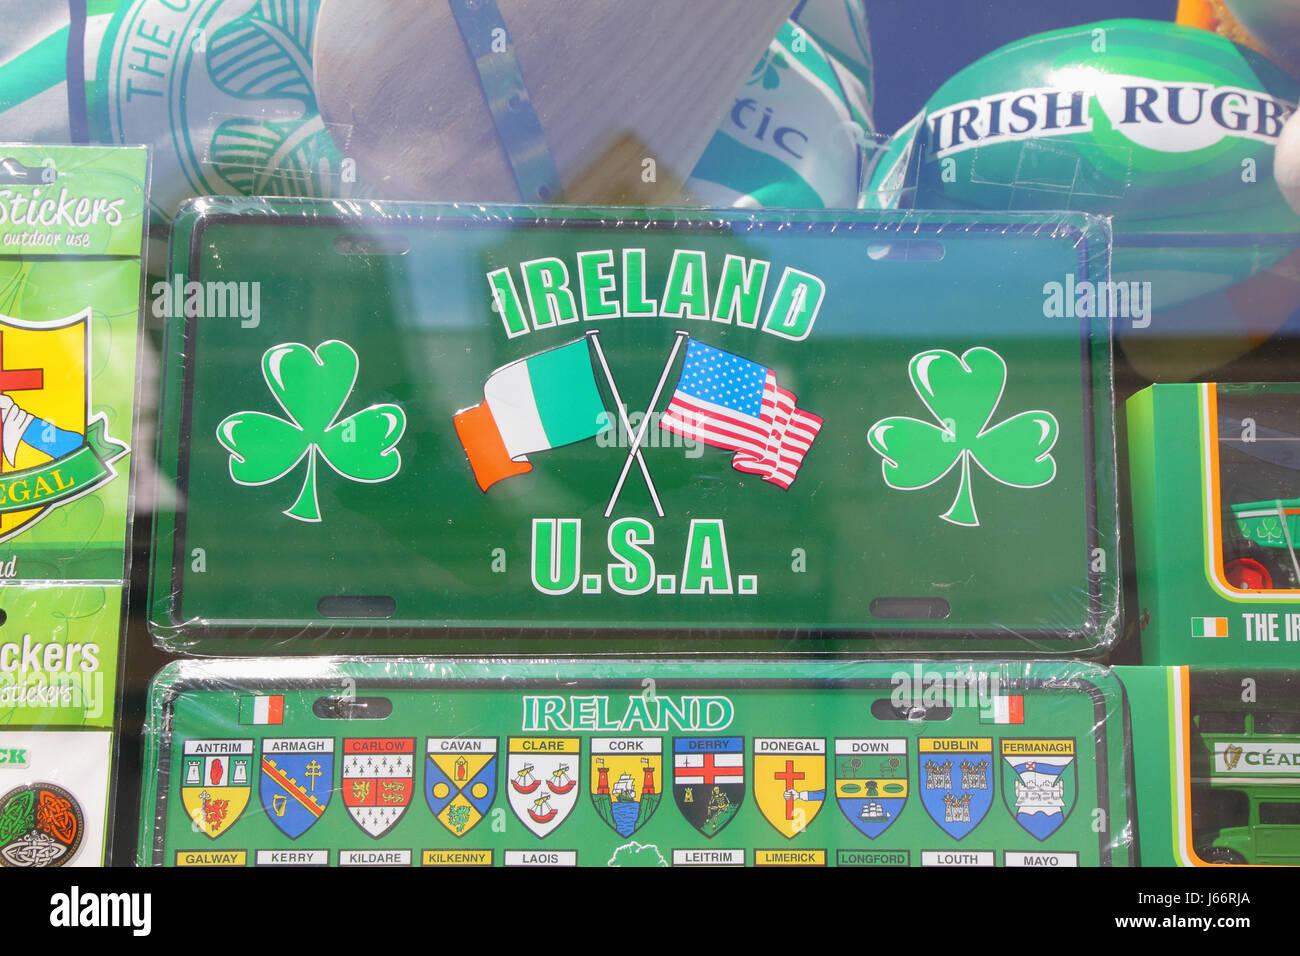 Irish-American Relations